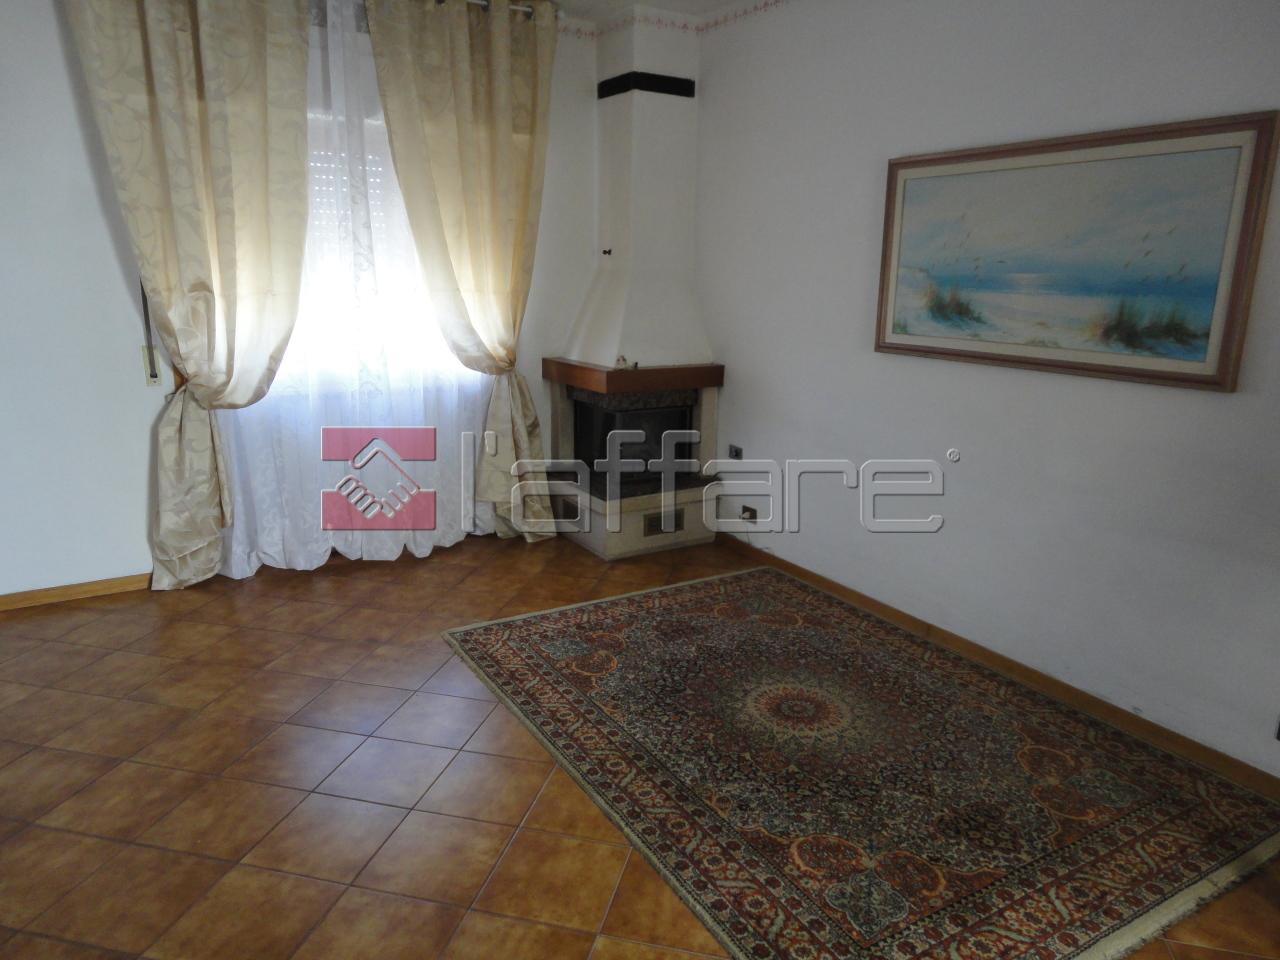 Appartamento in affitto a Casciana Terme Lari, 3 locali, prezzo € 500 | Cambio Casa.it